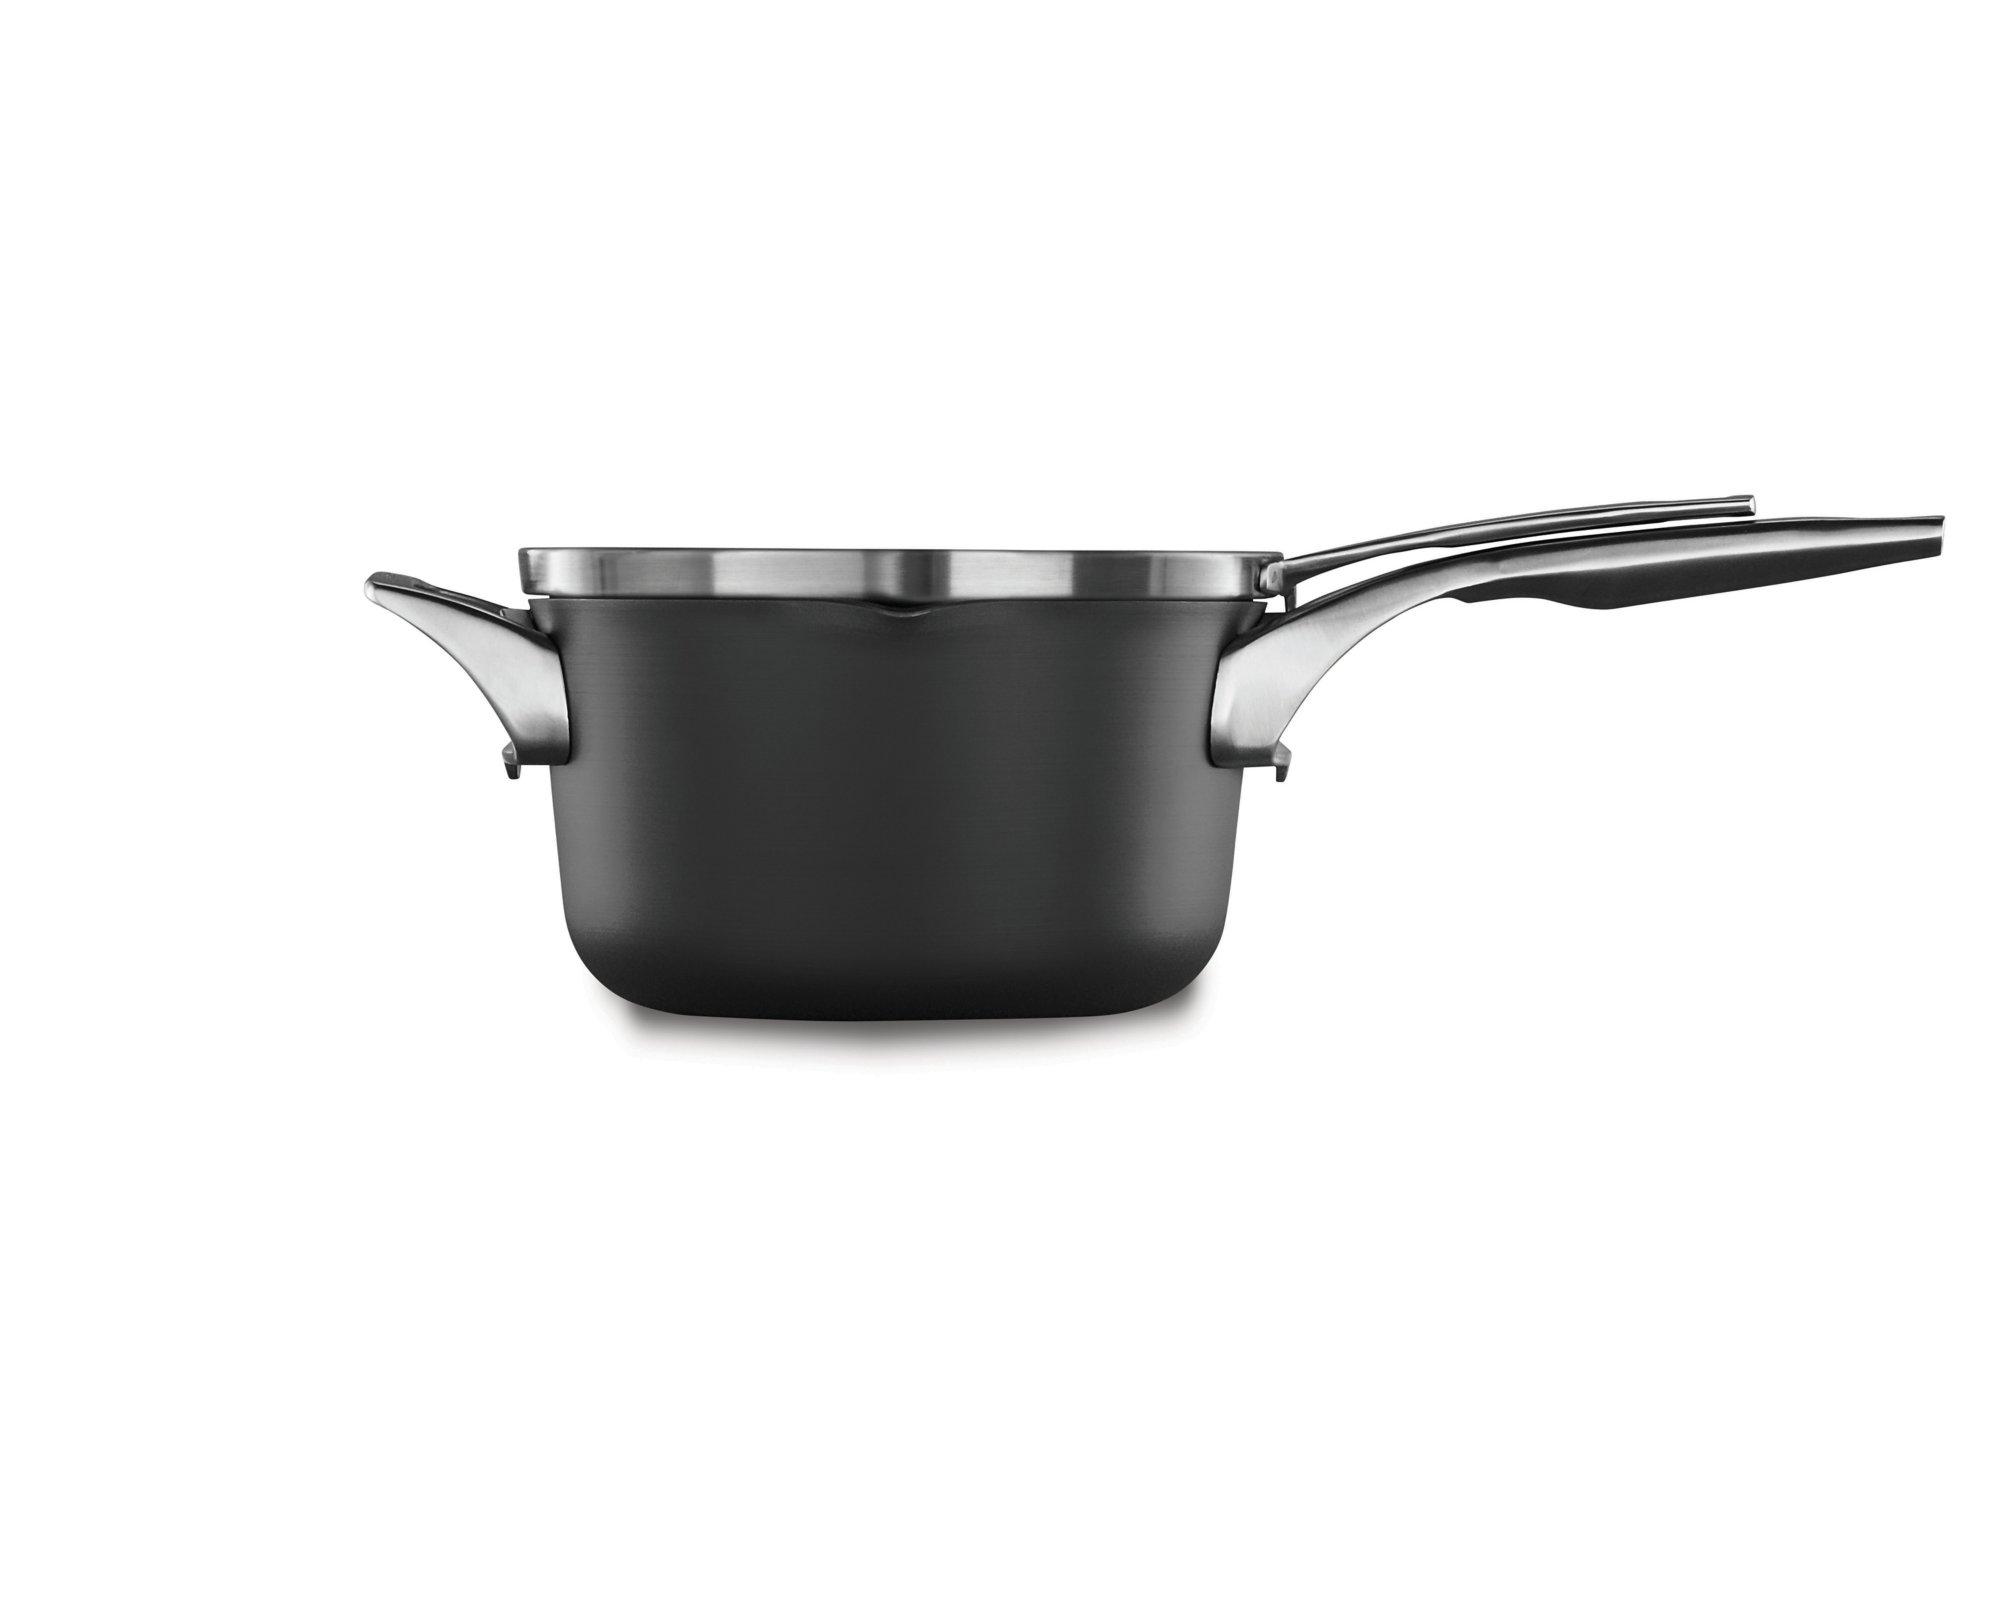 Calphalon Premier? Space Saving Hard Anodized Nonstick 3.5 qt. Pour and Strain Sauce Pan